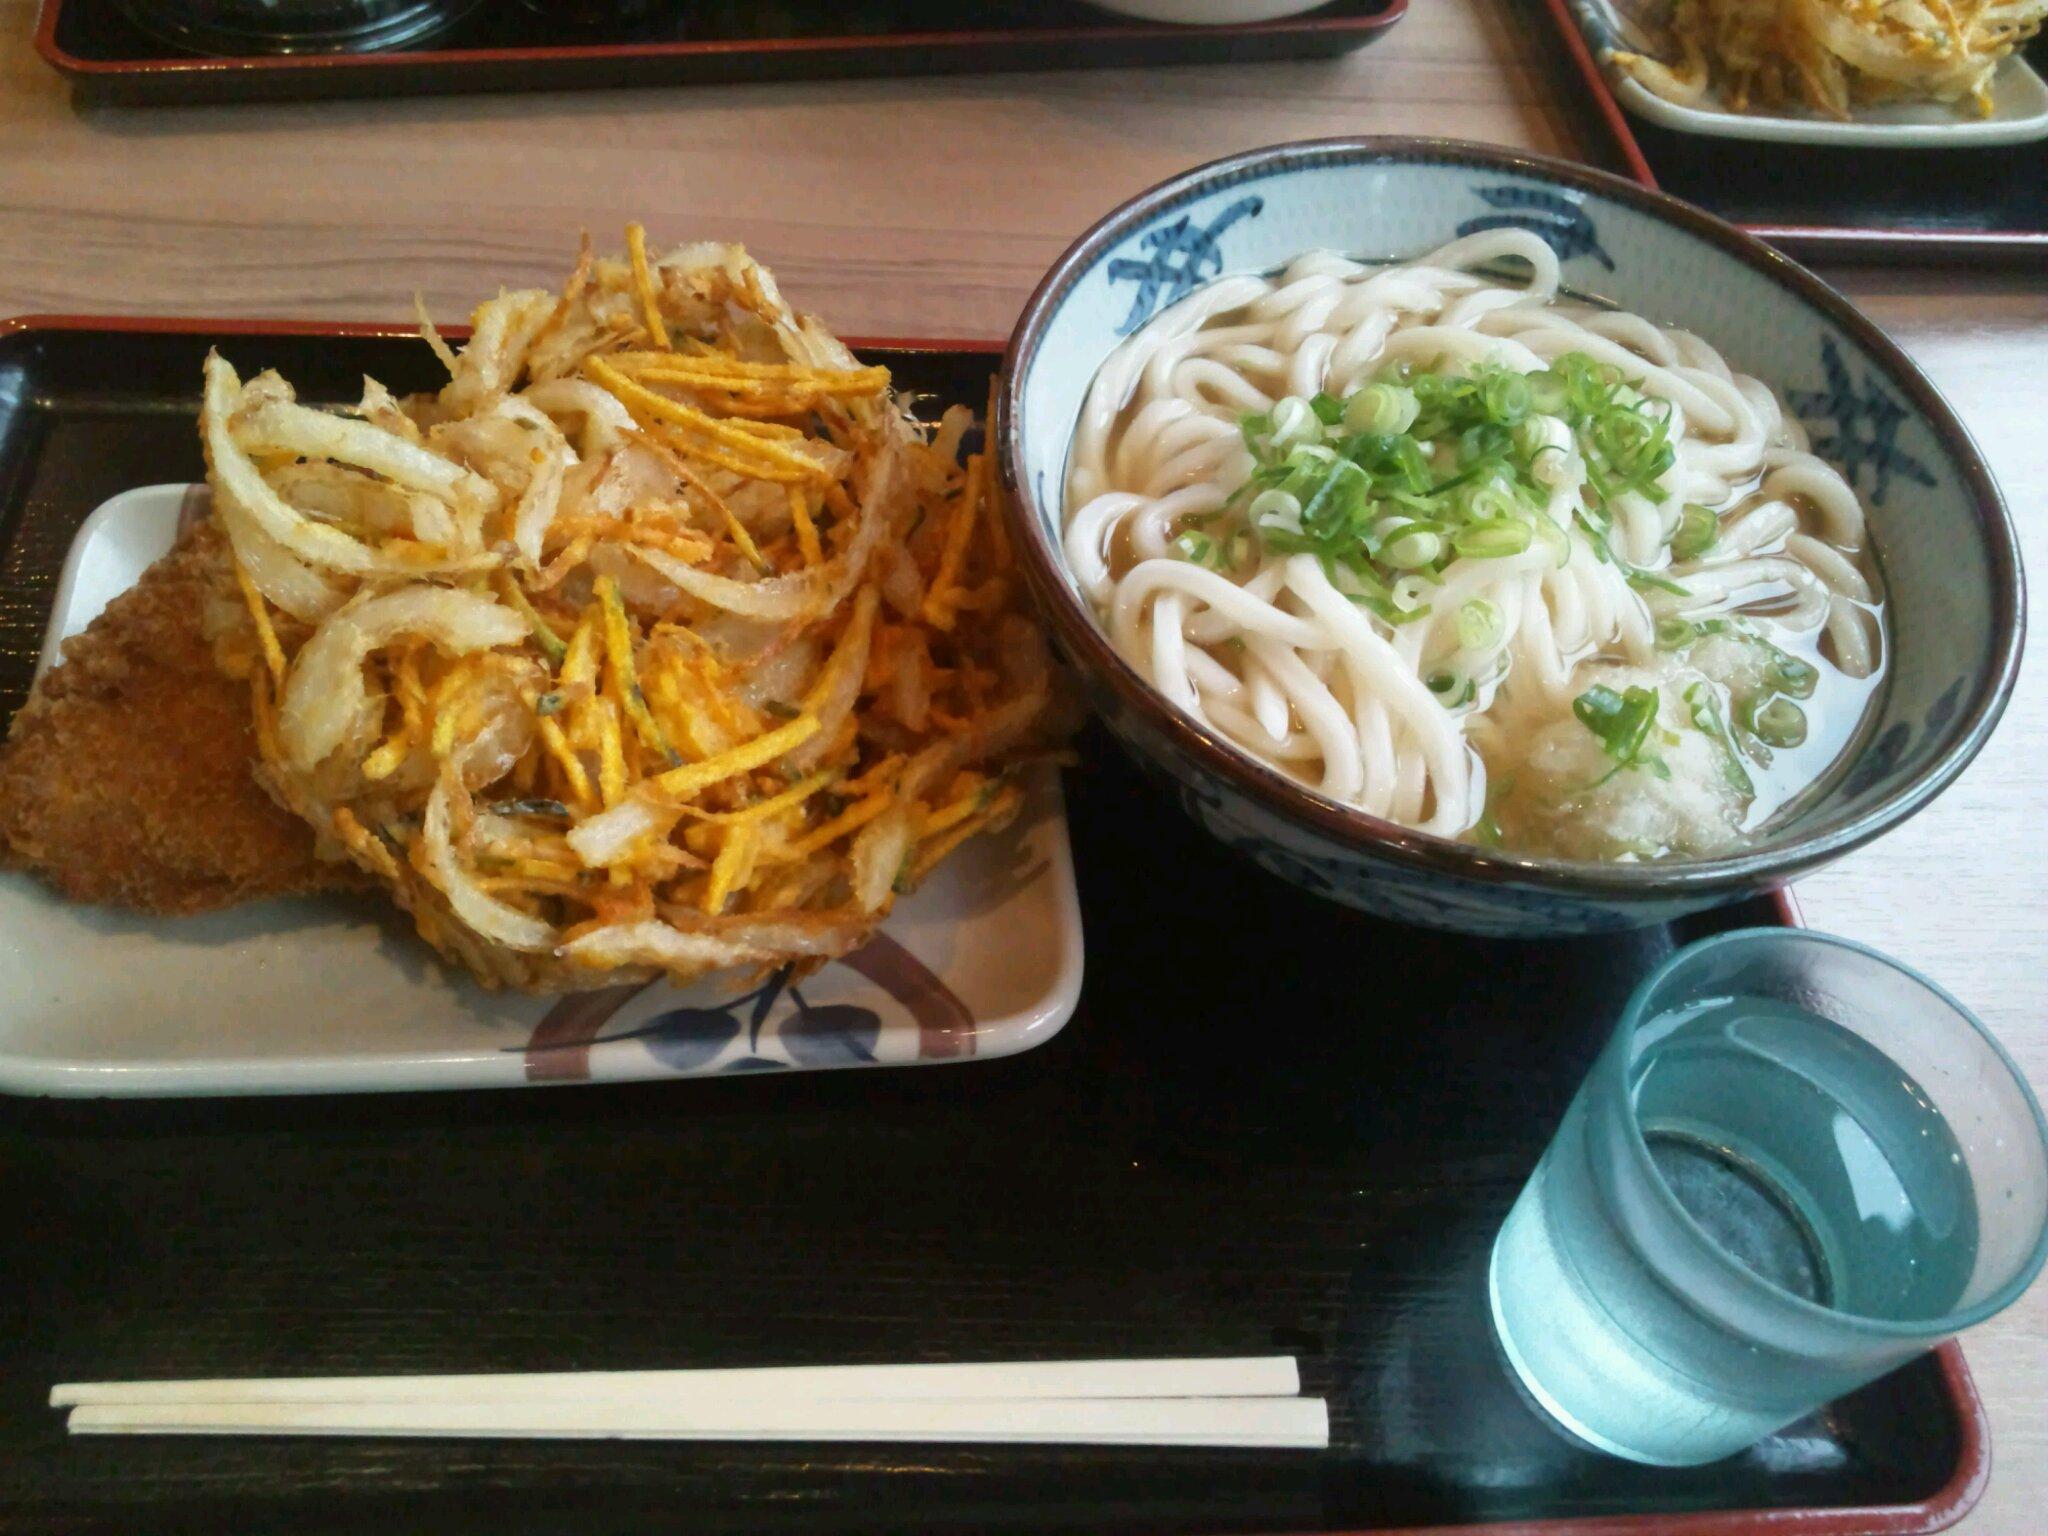 イワサキ高松店近隣ランチ情報 : さぬき麺市場 高松伏石店_b0163075_8173669.jpg